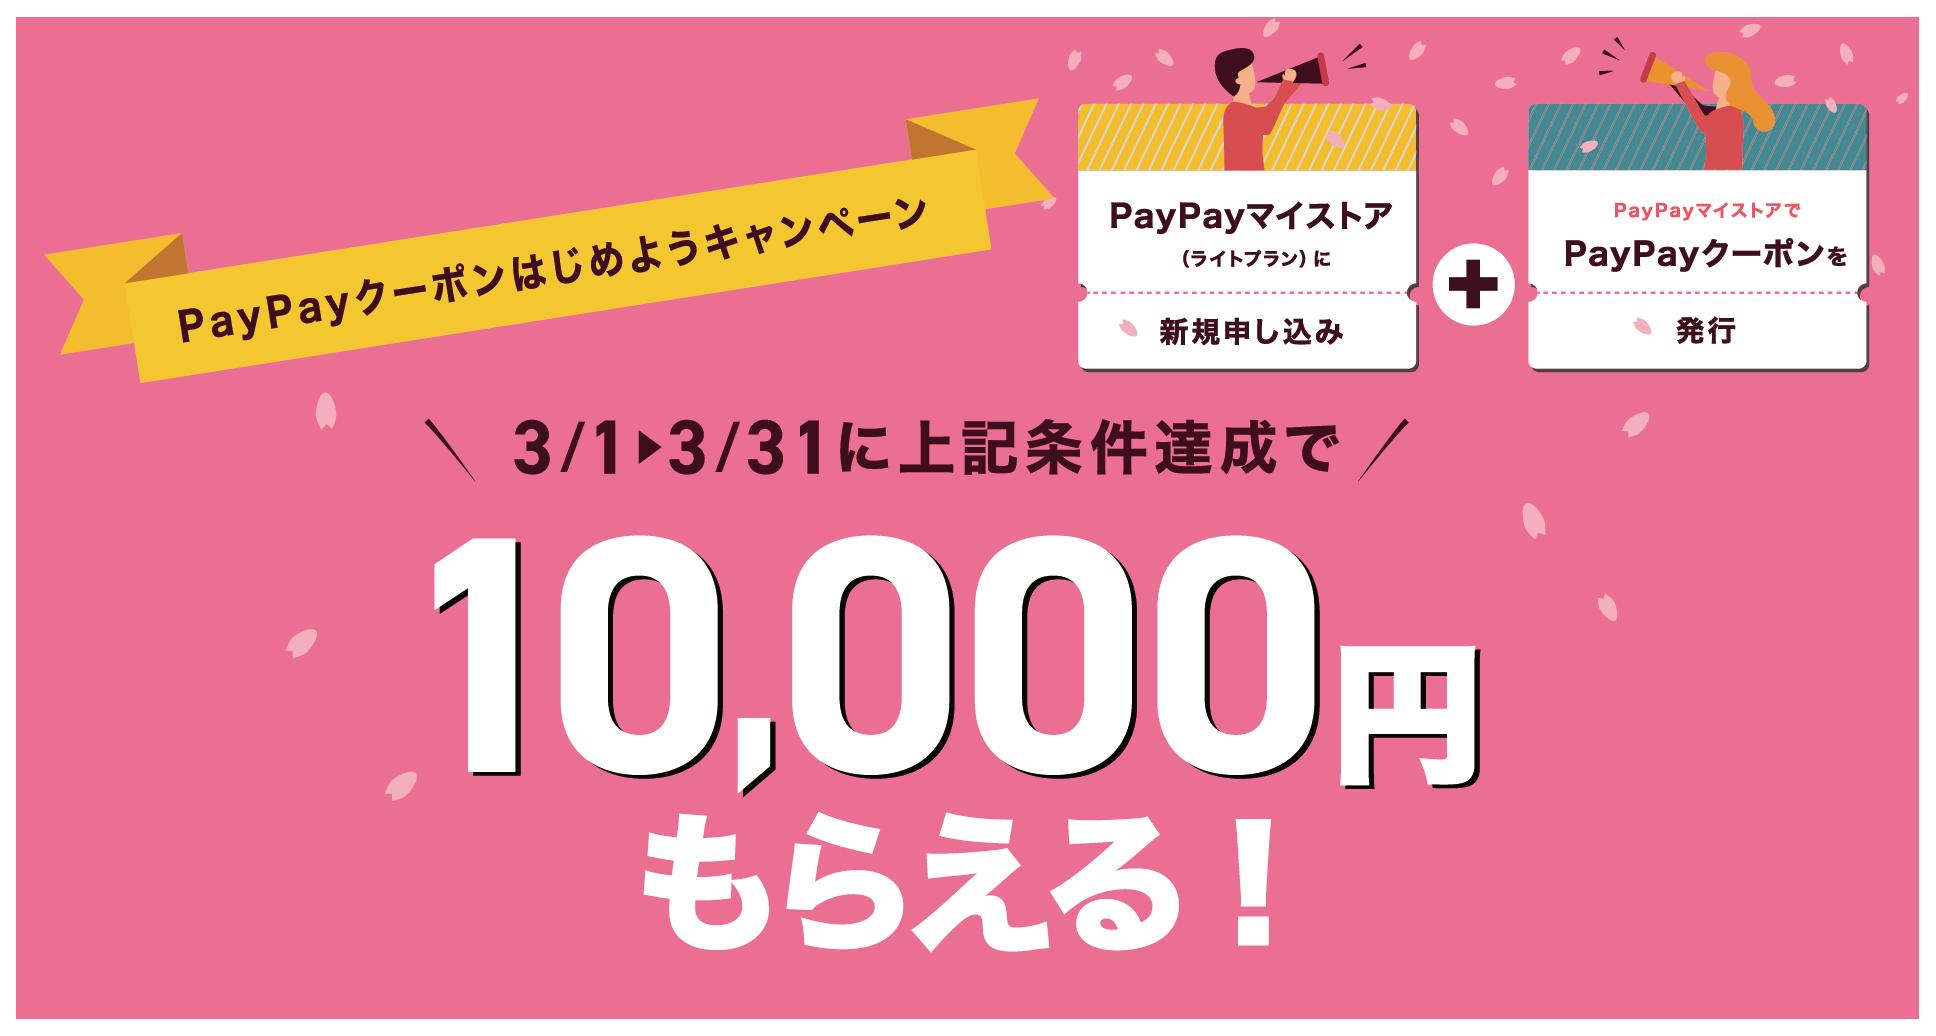 PayPayクーポンはじめようキャンペーン